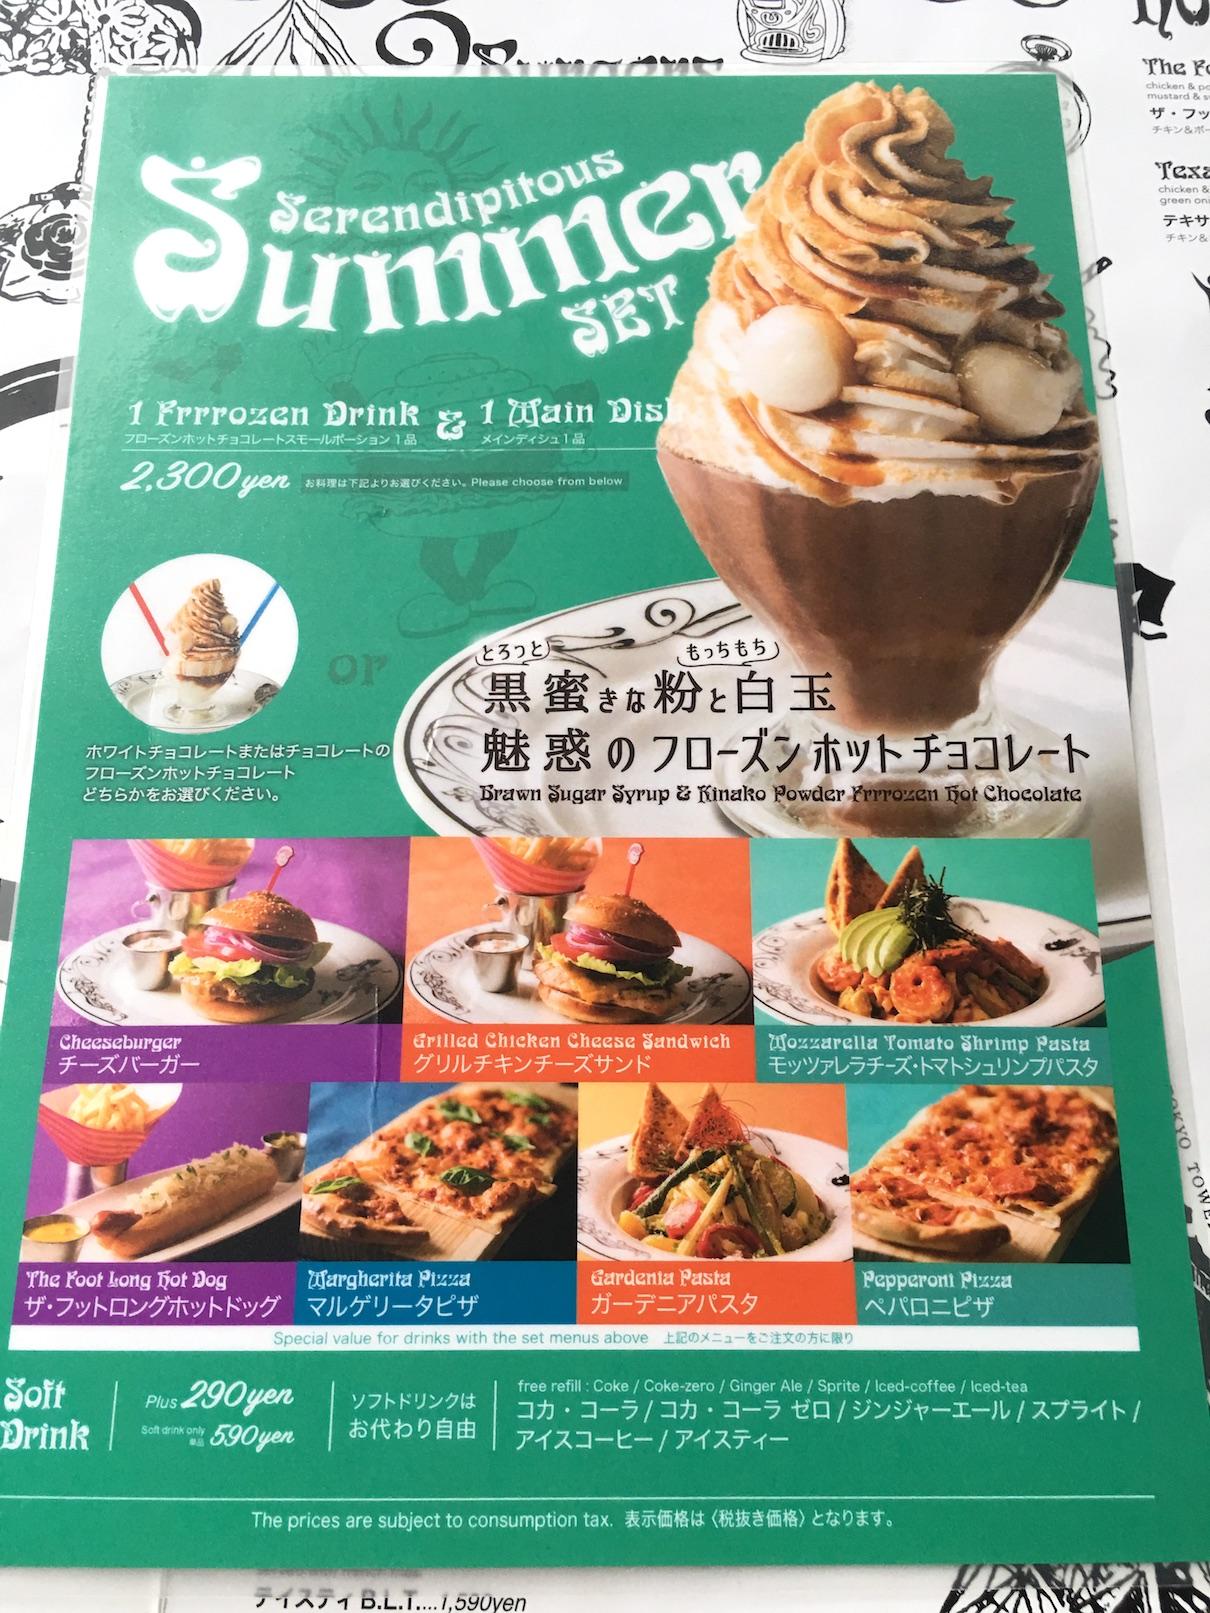 Serendity 3 child-friendly restaurant, Omotensando Tokyo menu